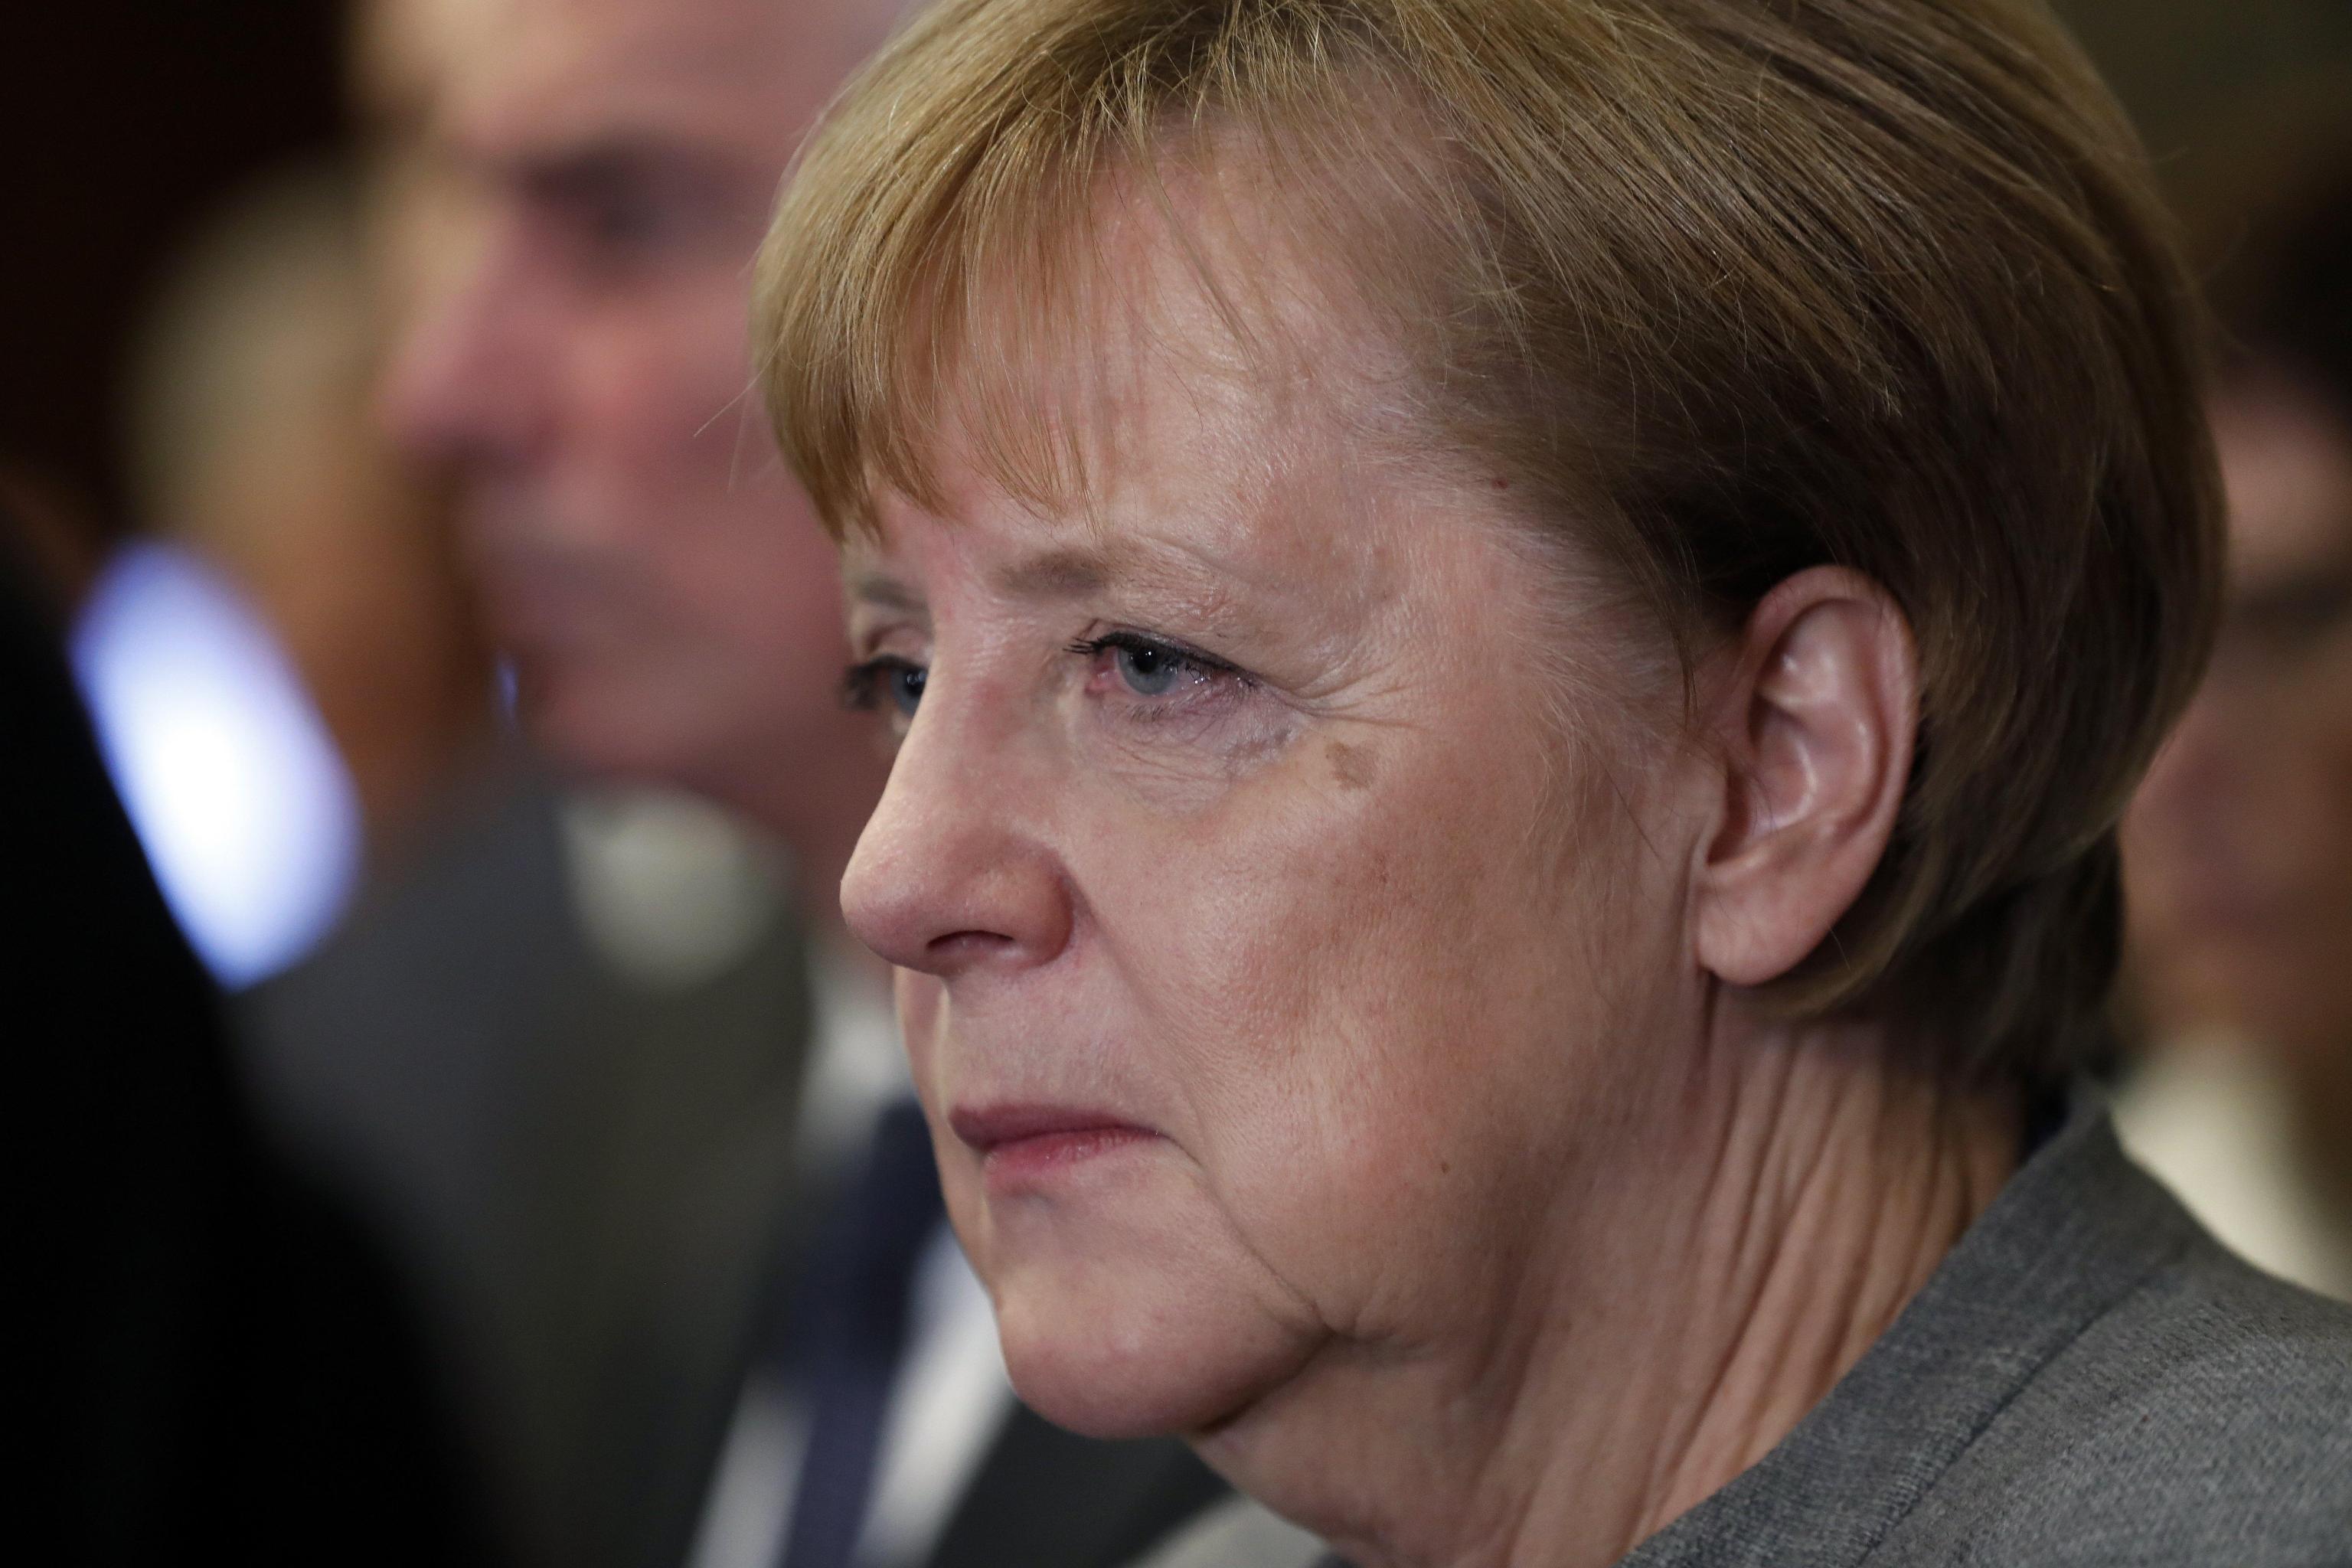 Germania: Merkel, meglio nuove elezioni